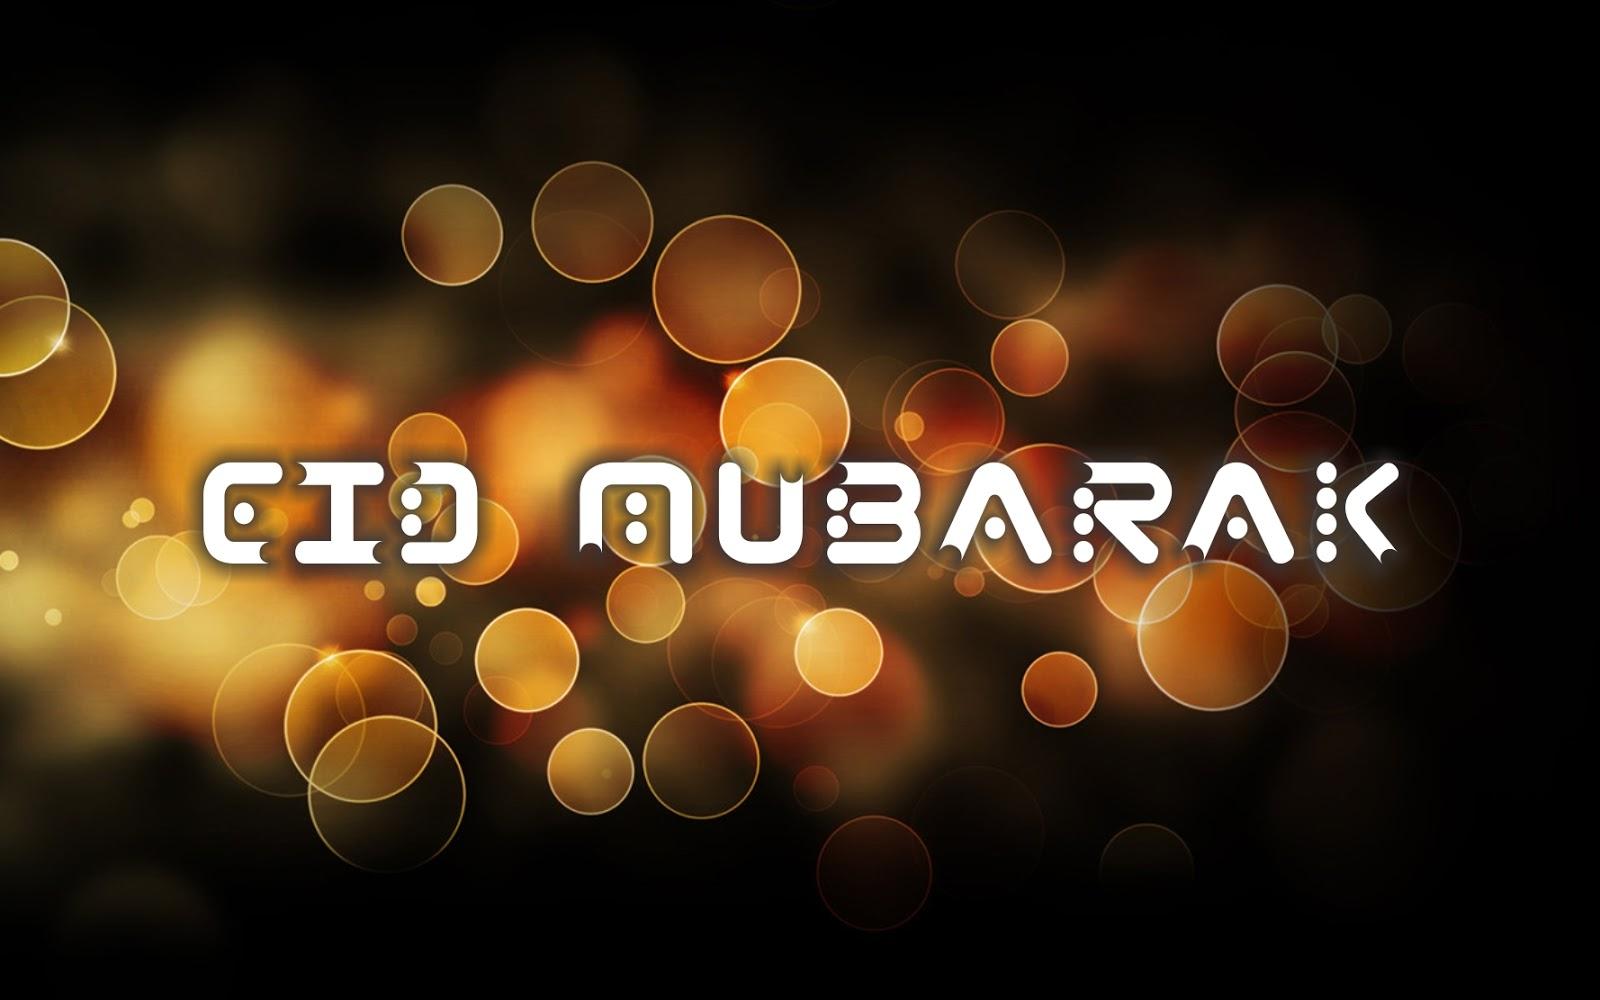 Eid Mubarak Cards Happy Eid Eid Cards Eid Greetings Card New Eid